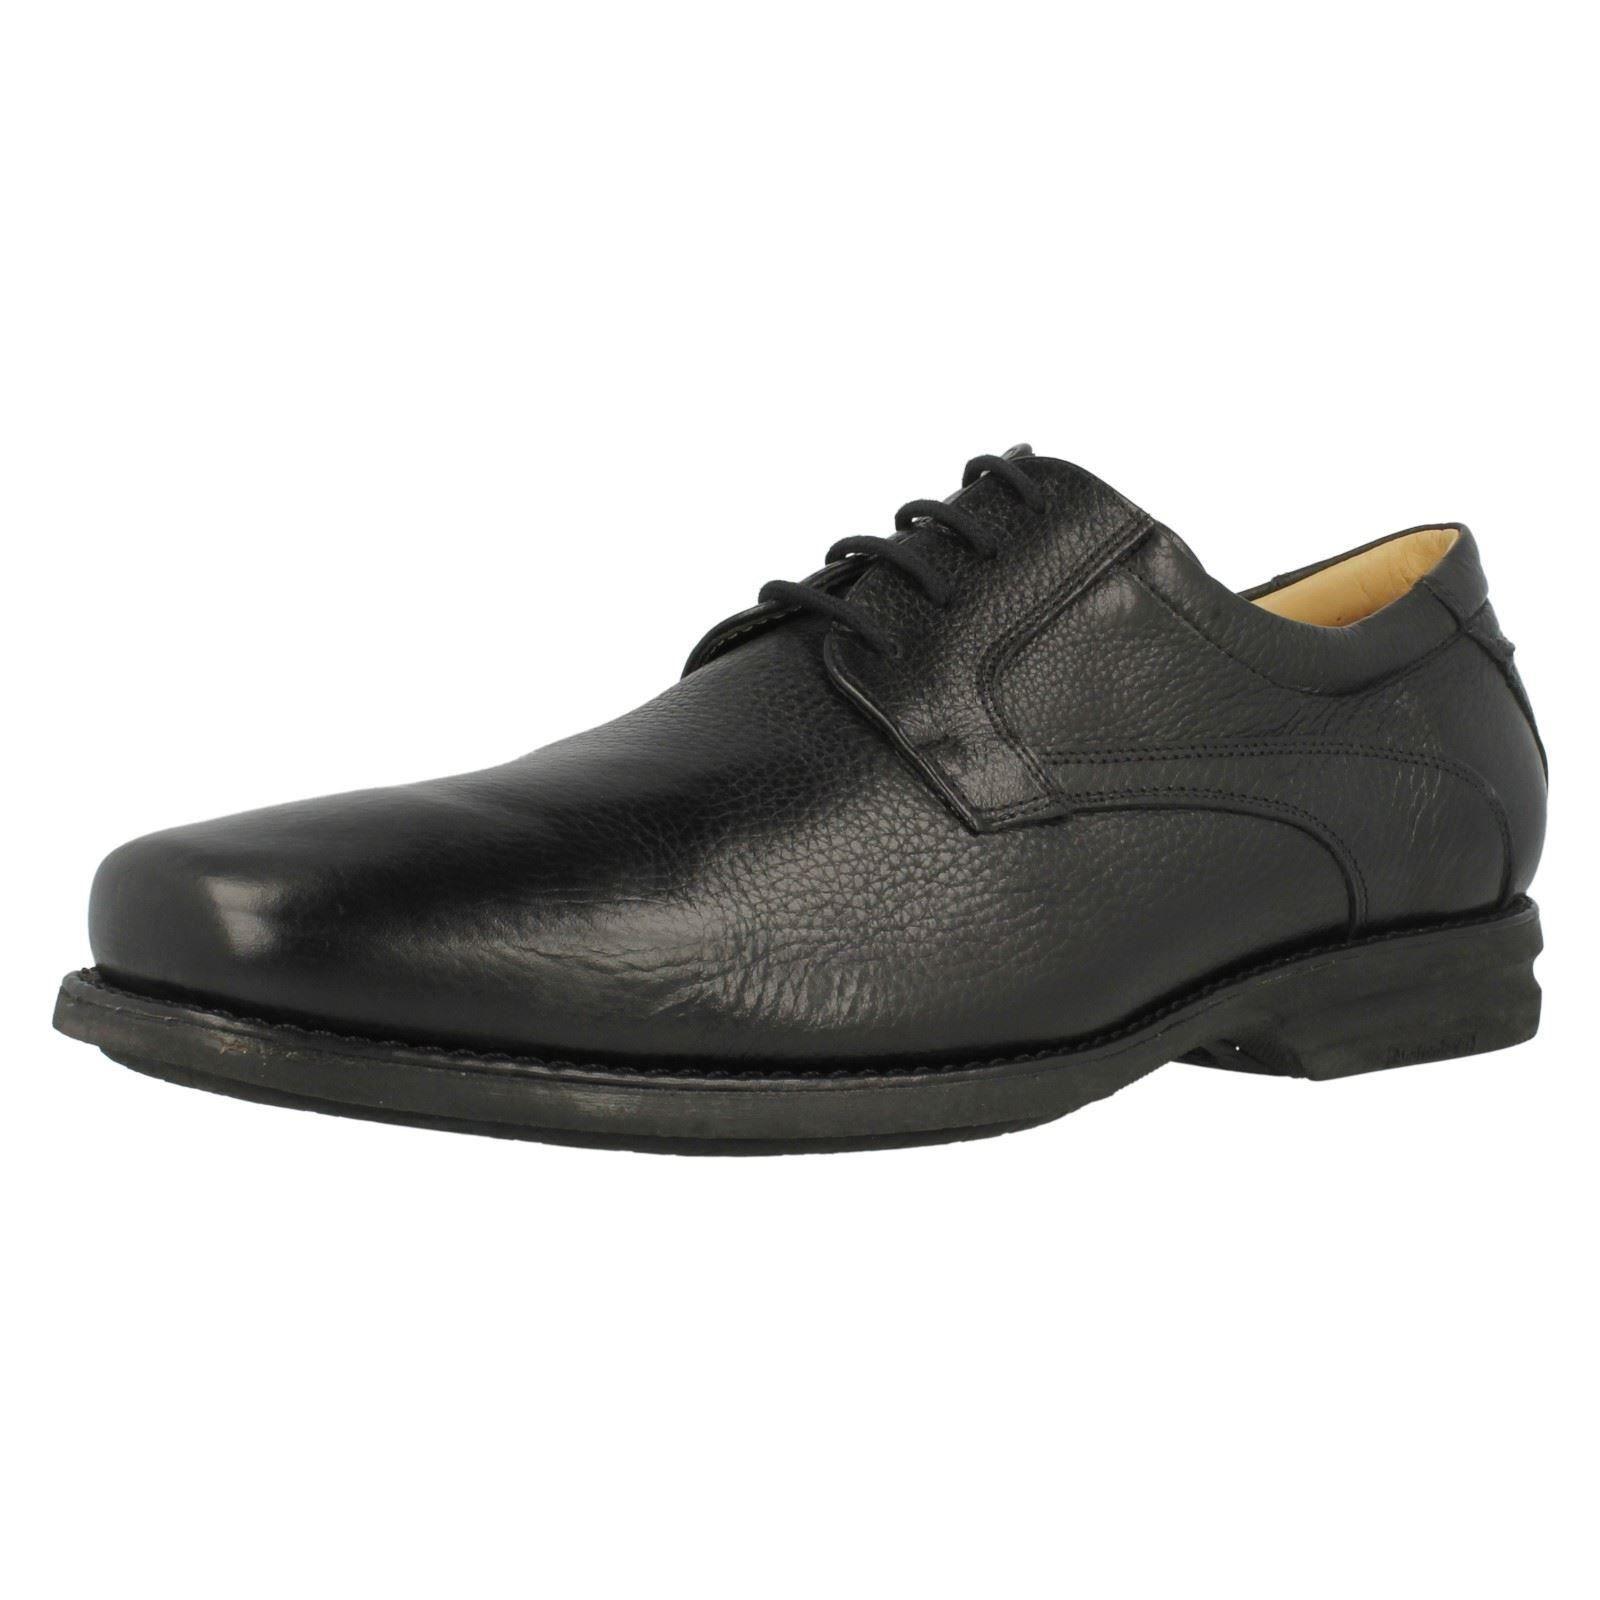 Los zapatos más populares para hombres y mujeres Anatómico & Co' Passos de Hombre Zapatos De Piel Con Cordones